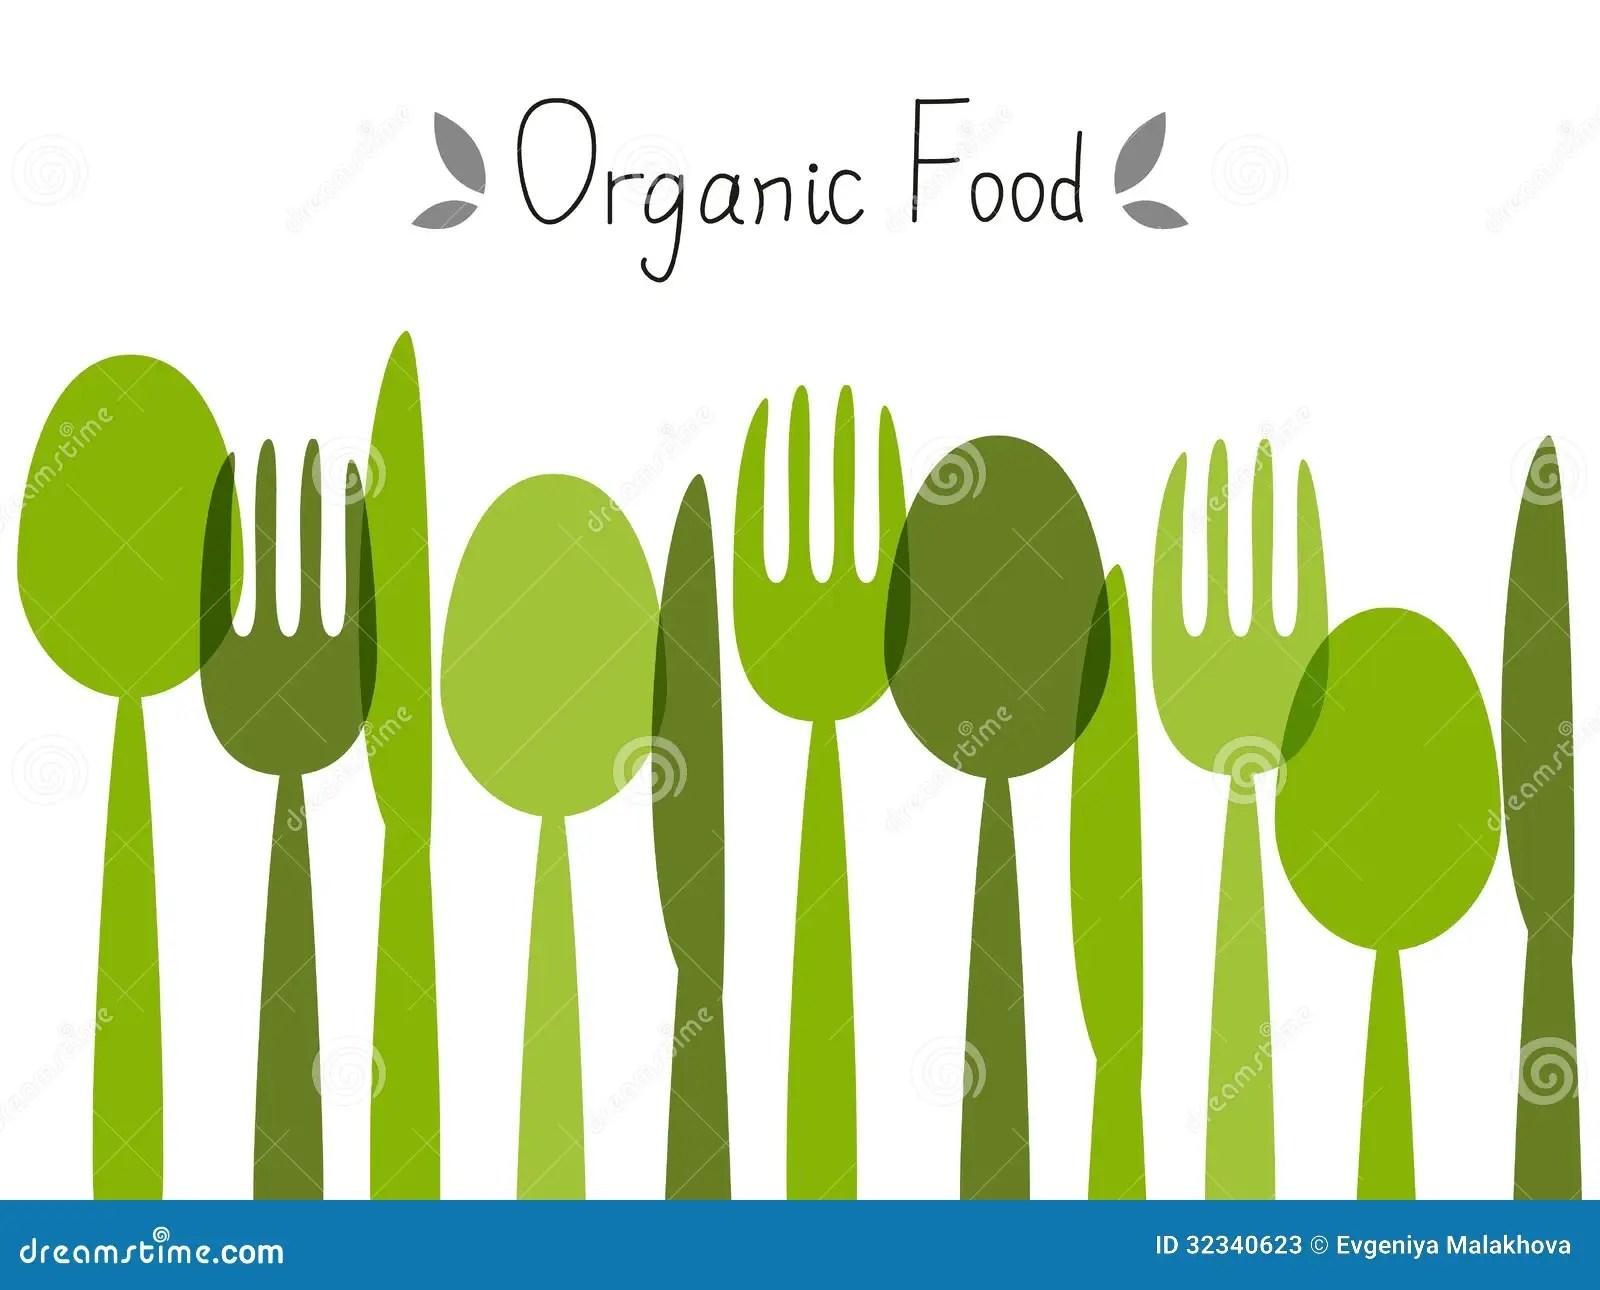 Sustainable Kitchen Design